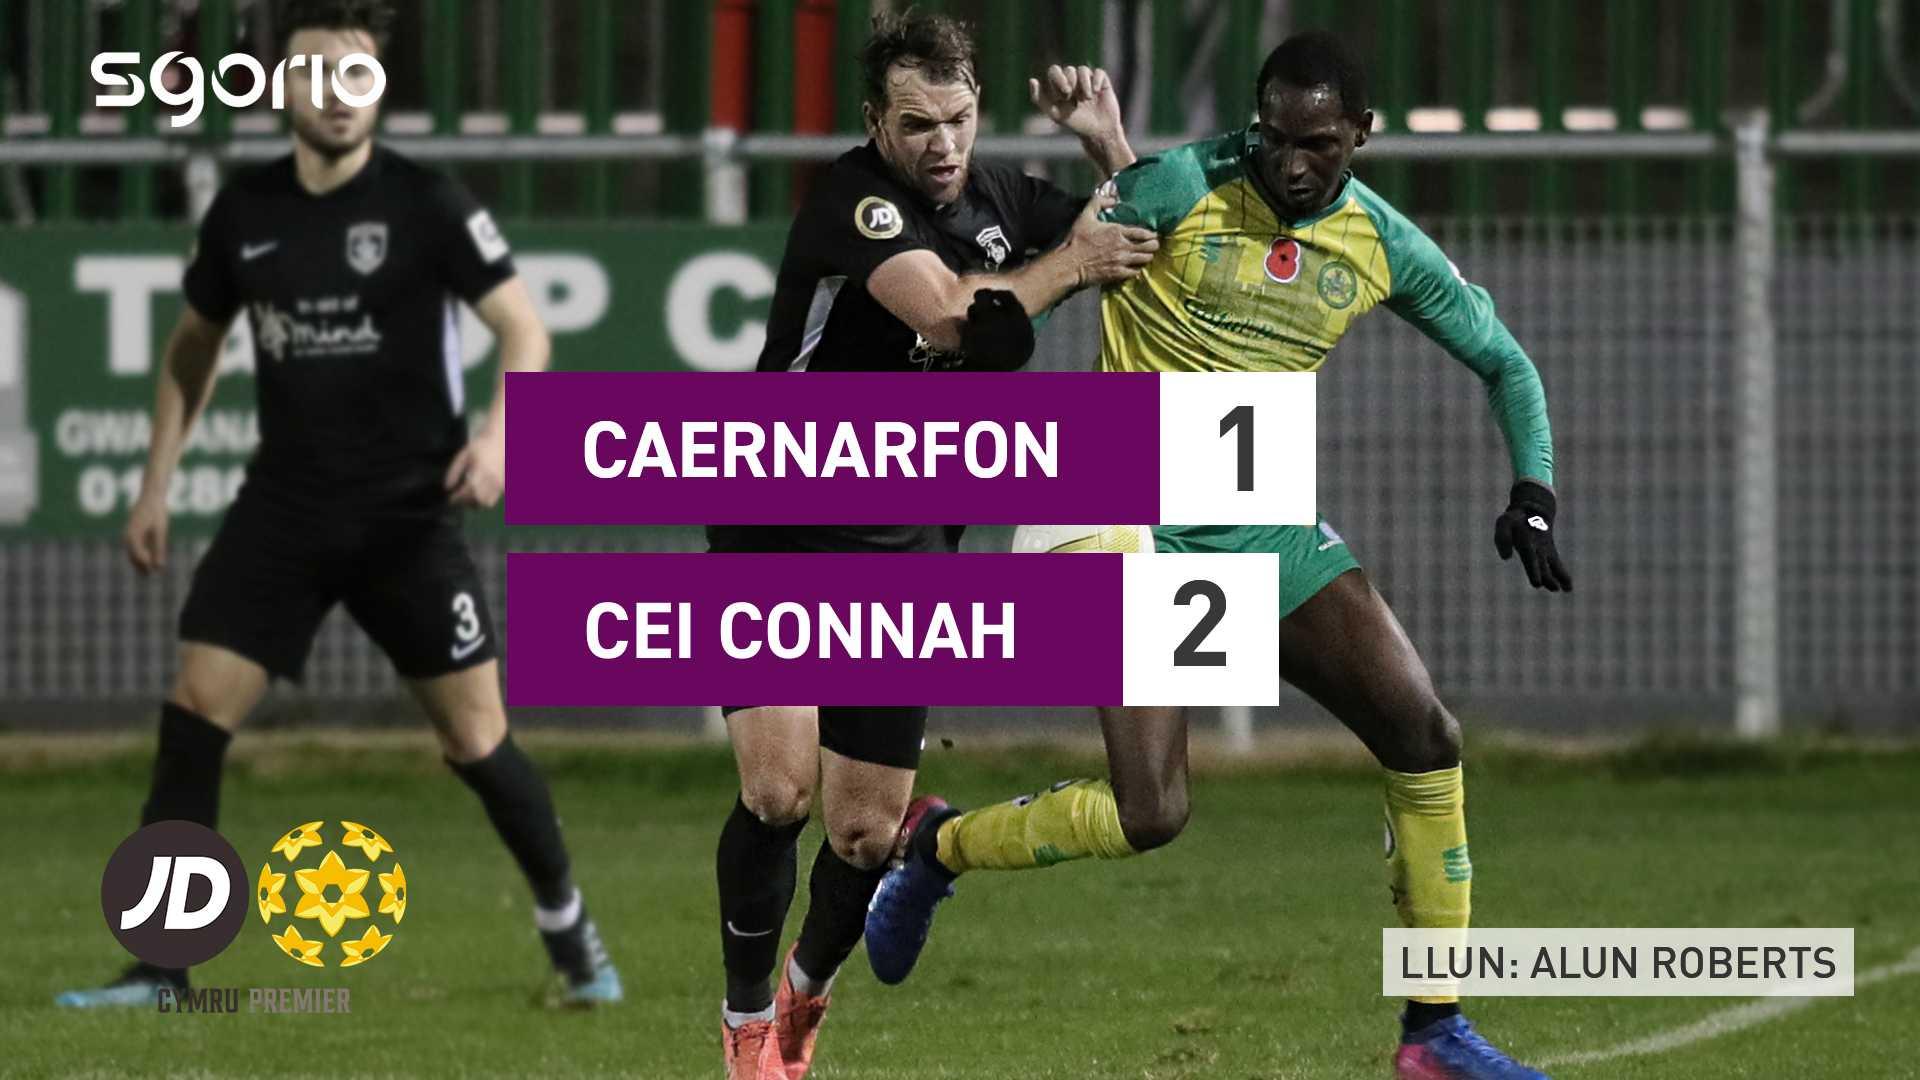 Caernarfon 1-2 Cei Connah